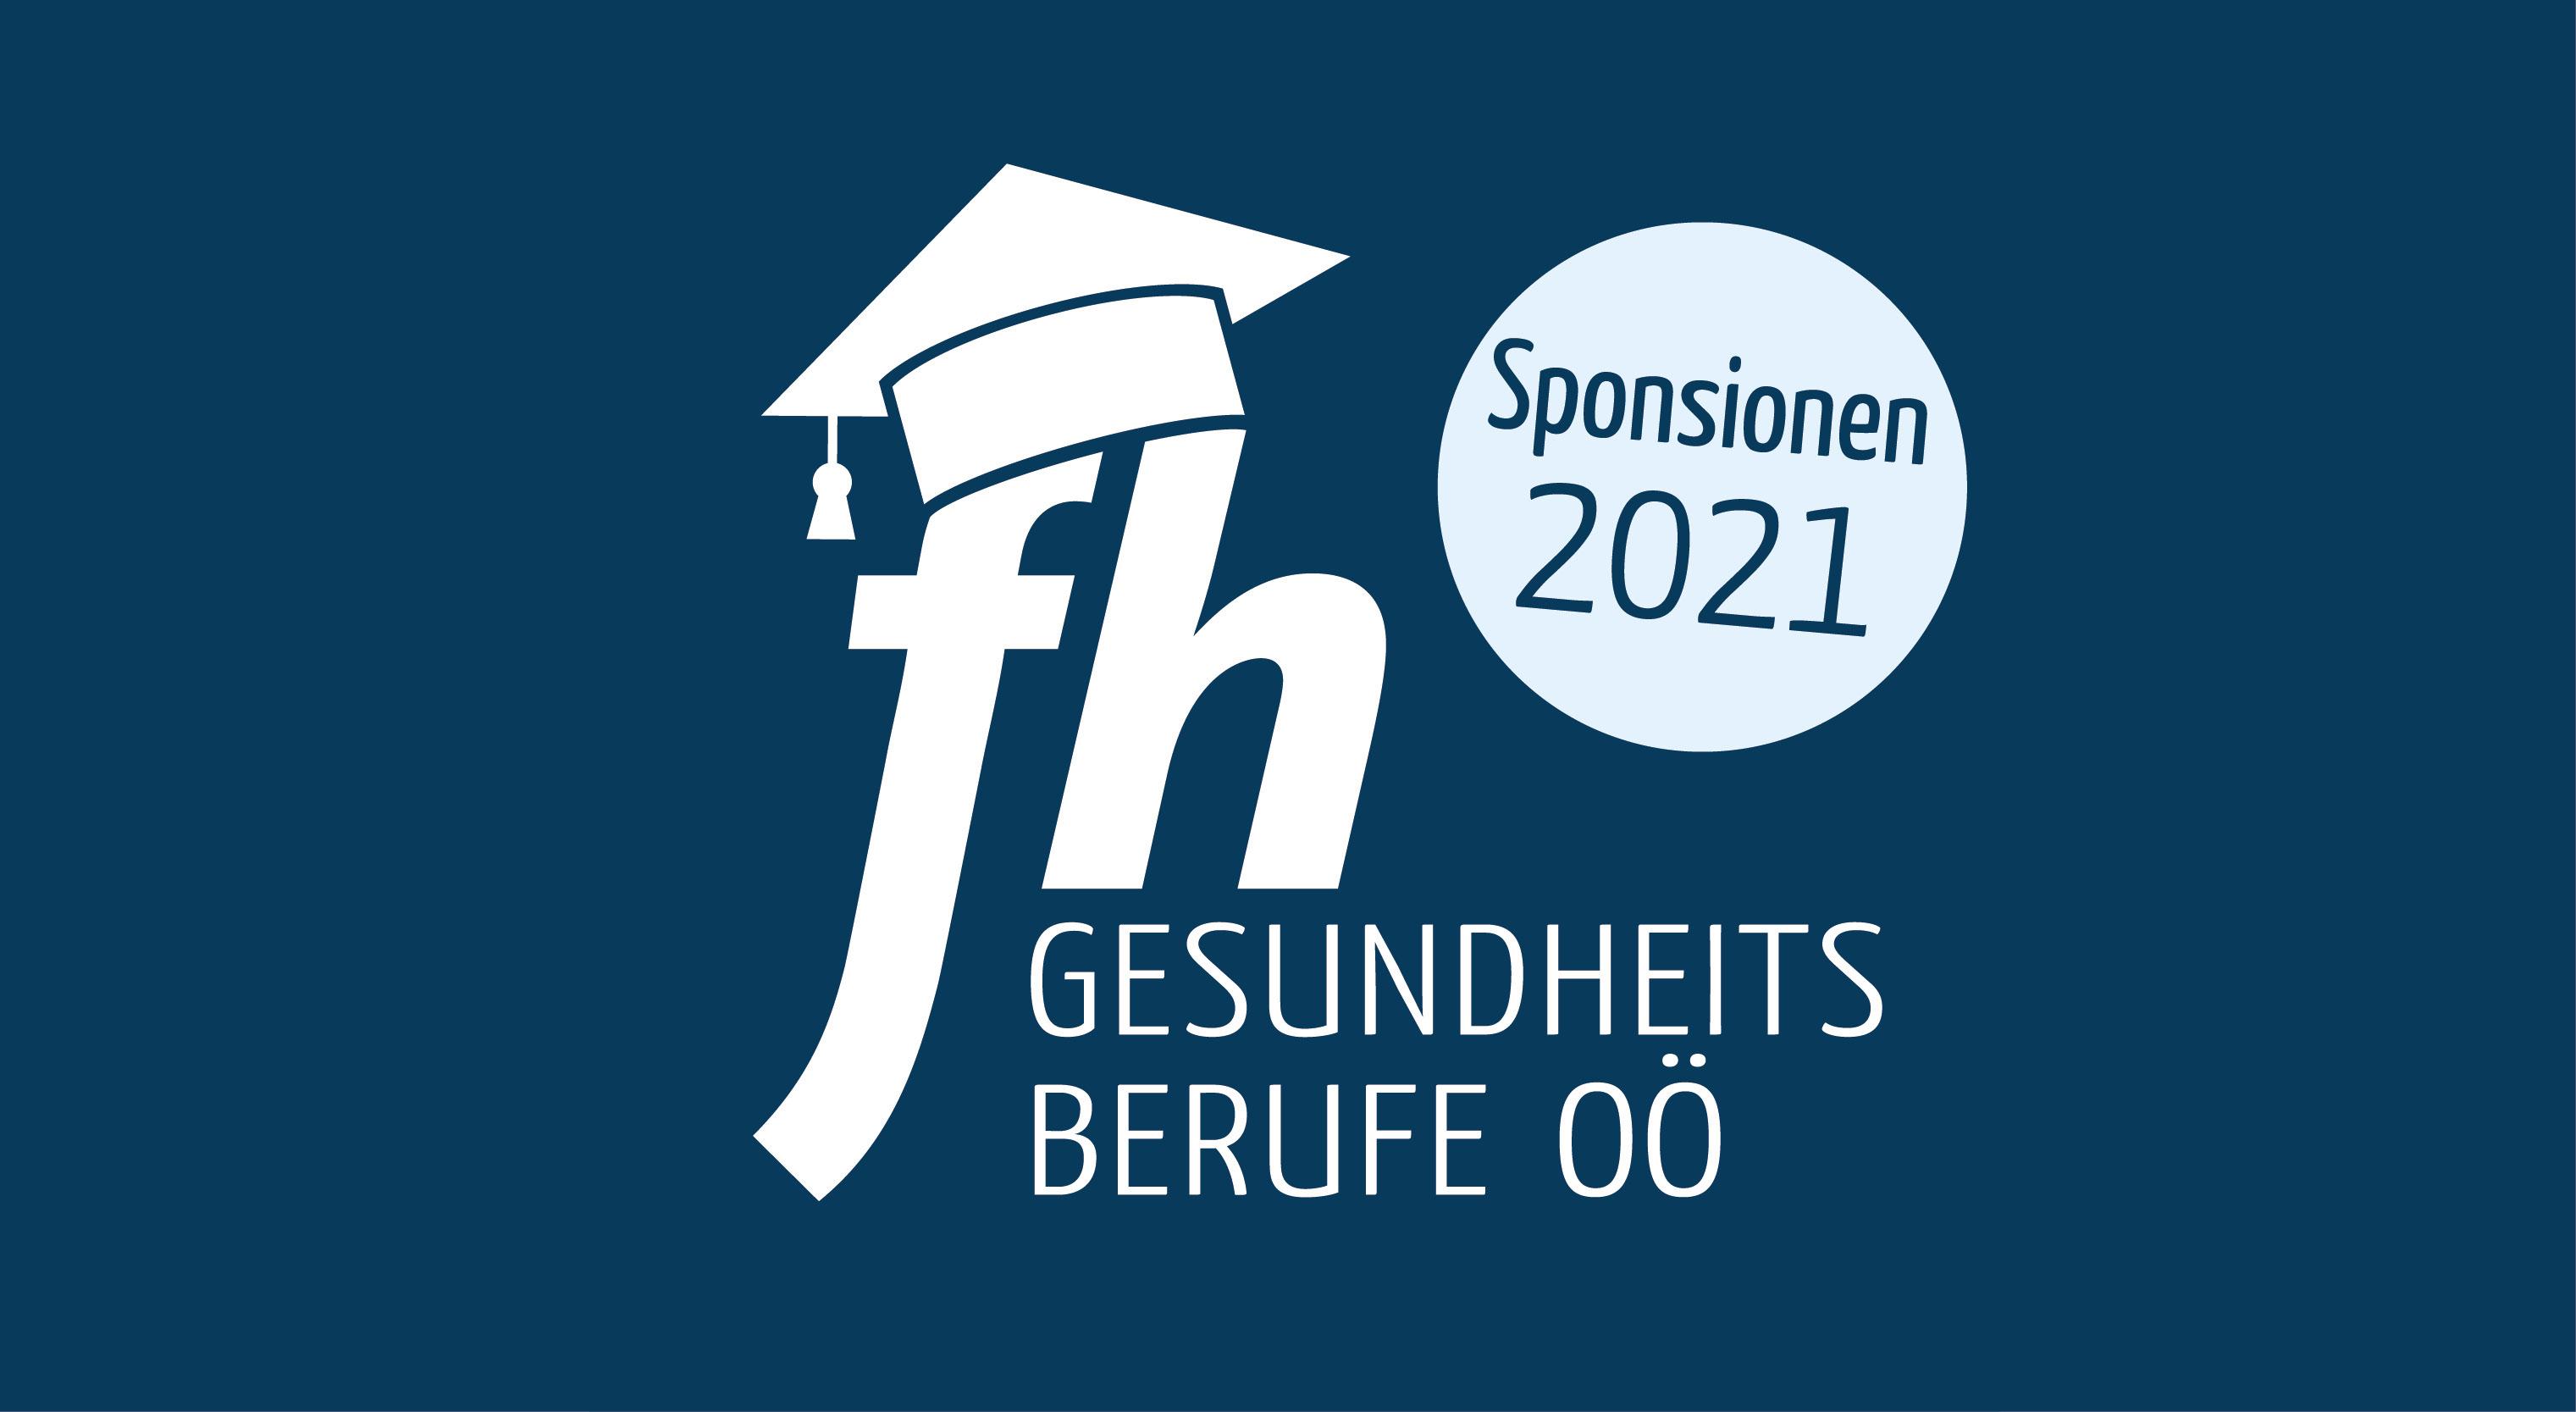 Titelfoto zu den Sponsionen 2021 mit dem Sponsionslogo der FH Gesundheitsberufe OÖ